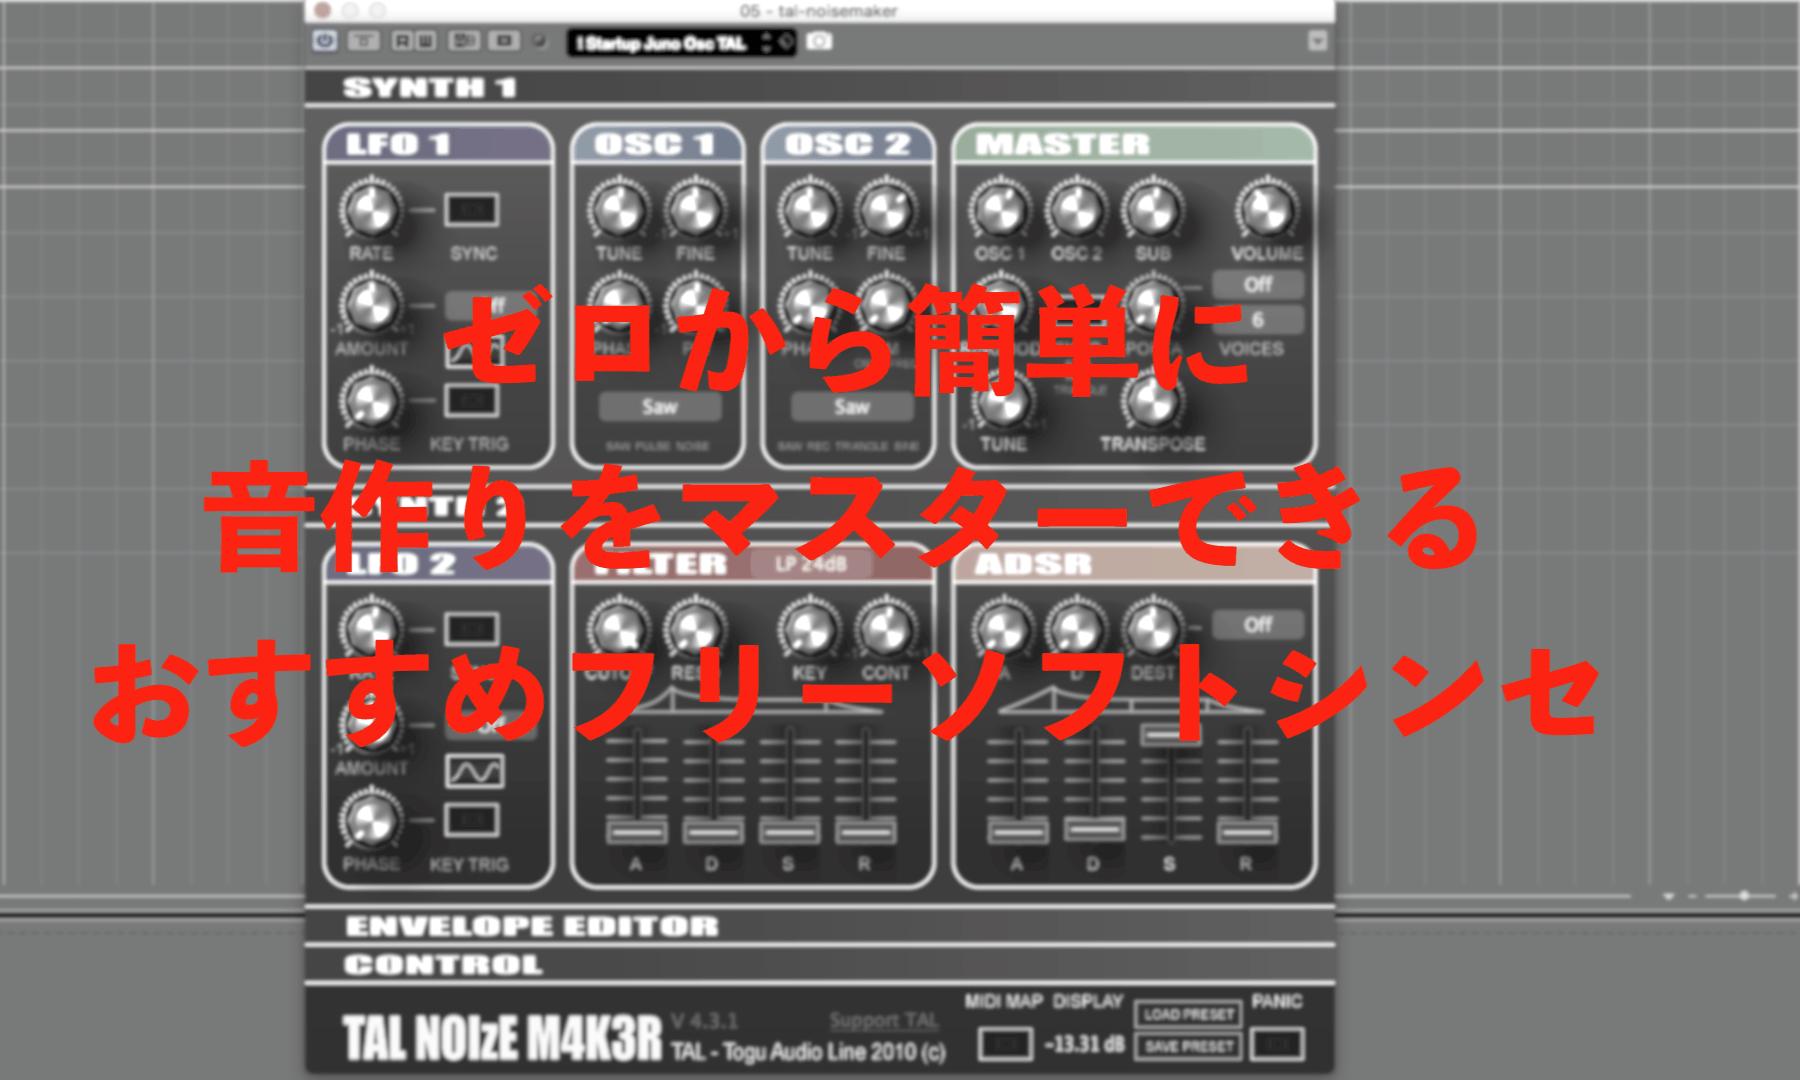 ゼロから簡単に音作りをマスターできるおすすめフリーソフトシンセ